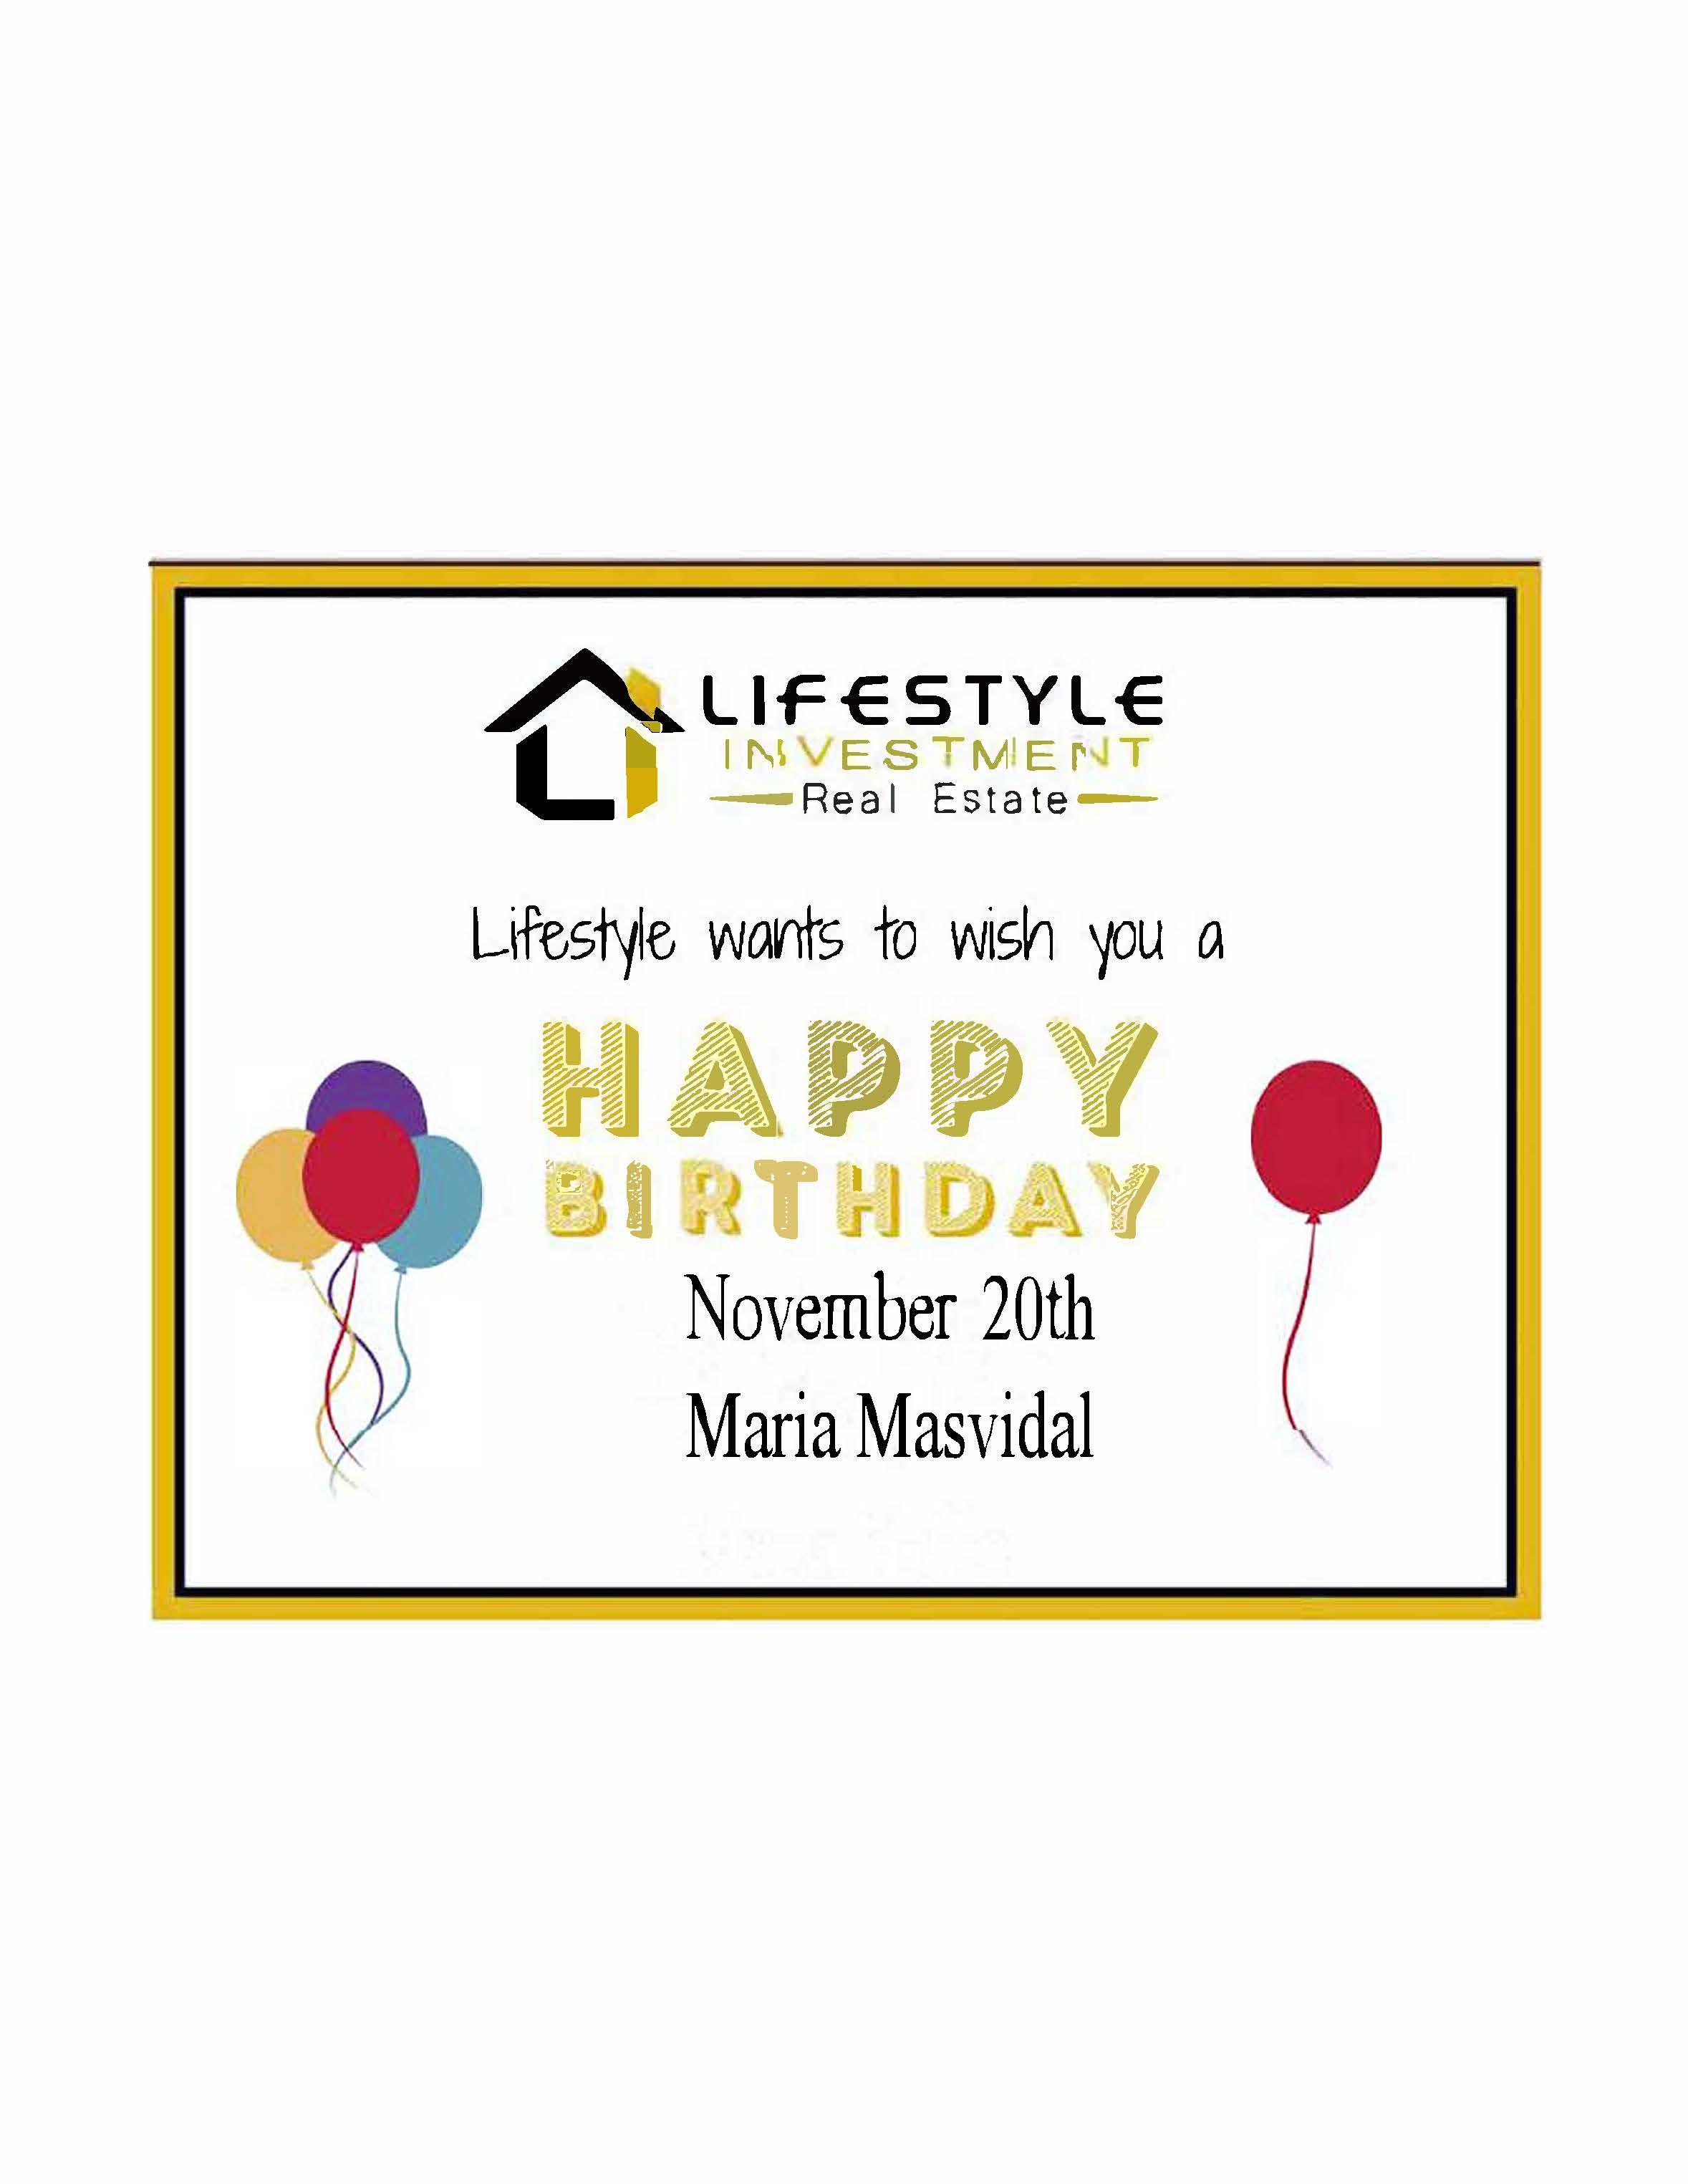 Maria Masvidal Birthday